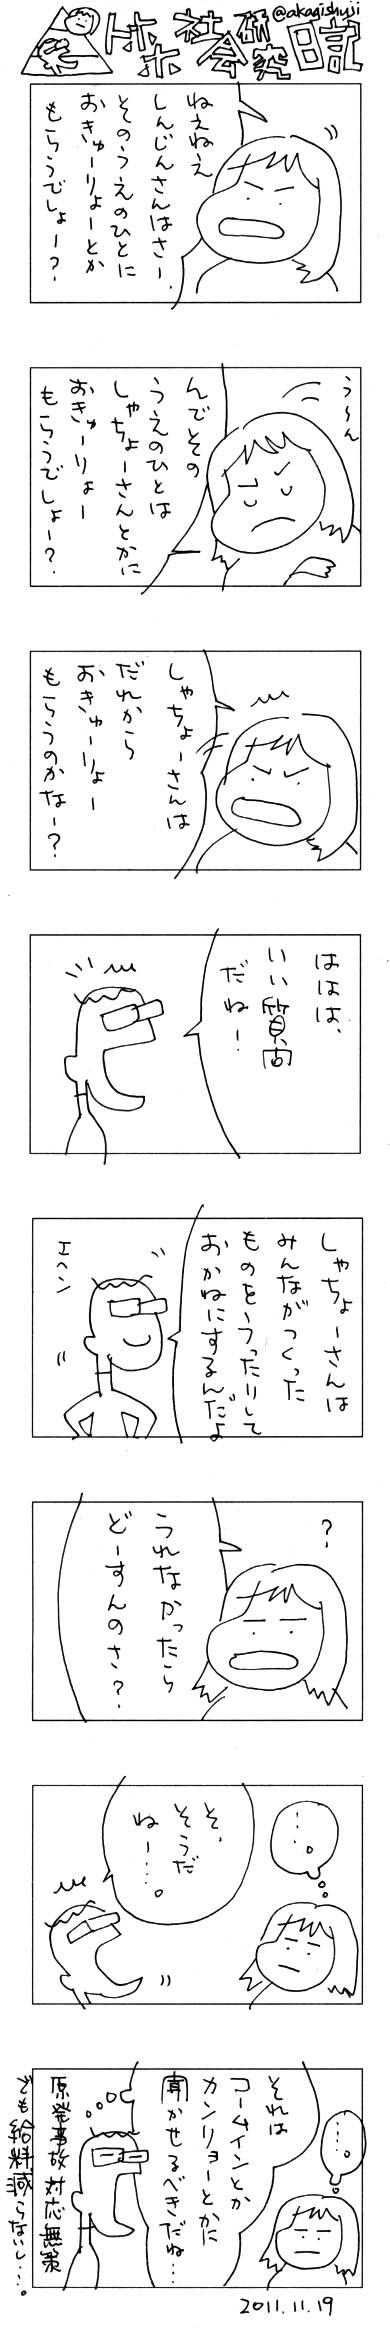 20111119.jpg